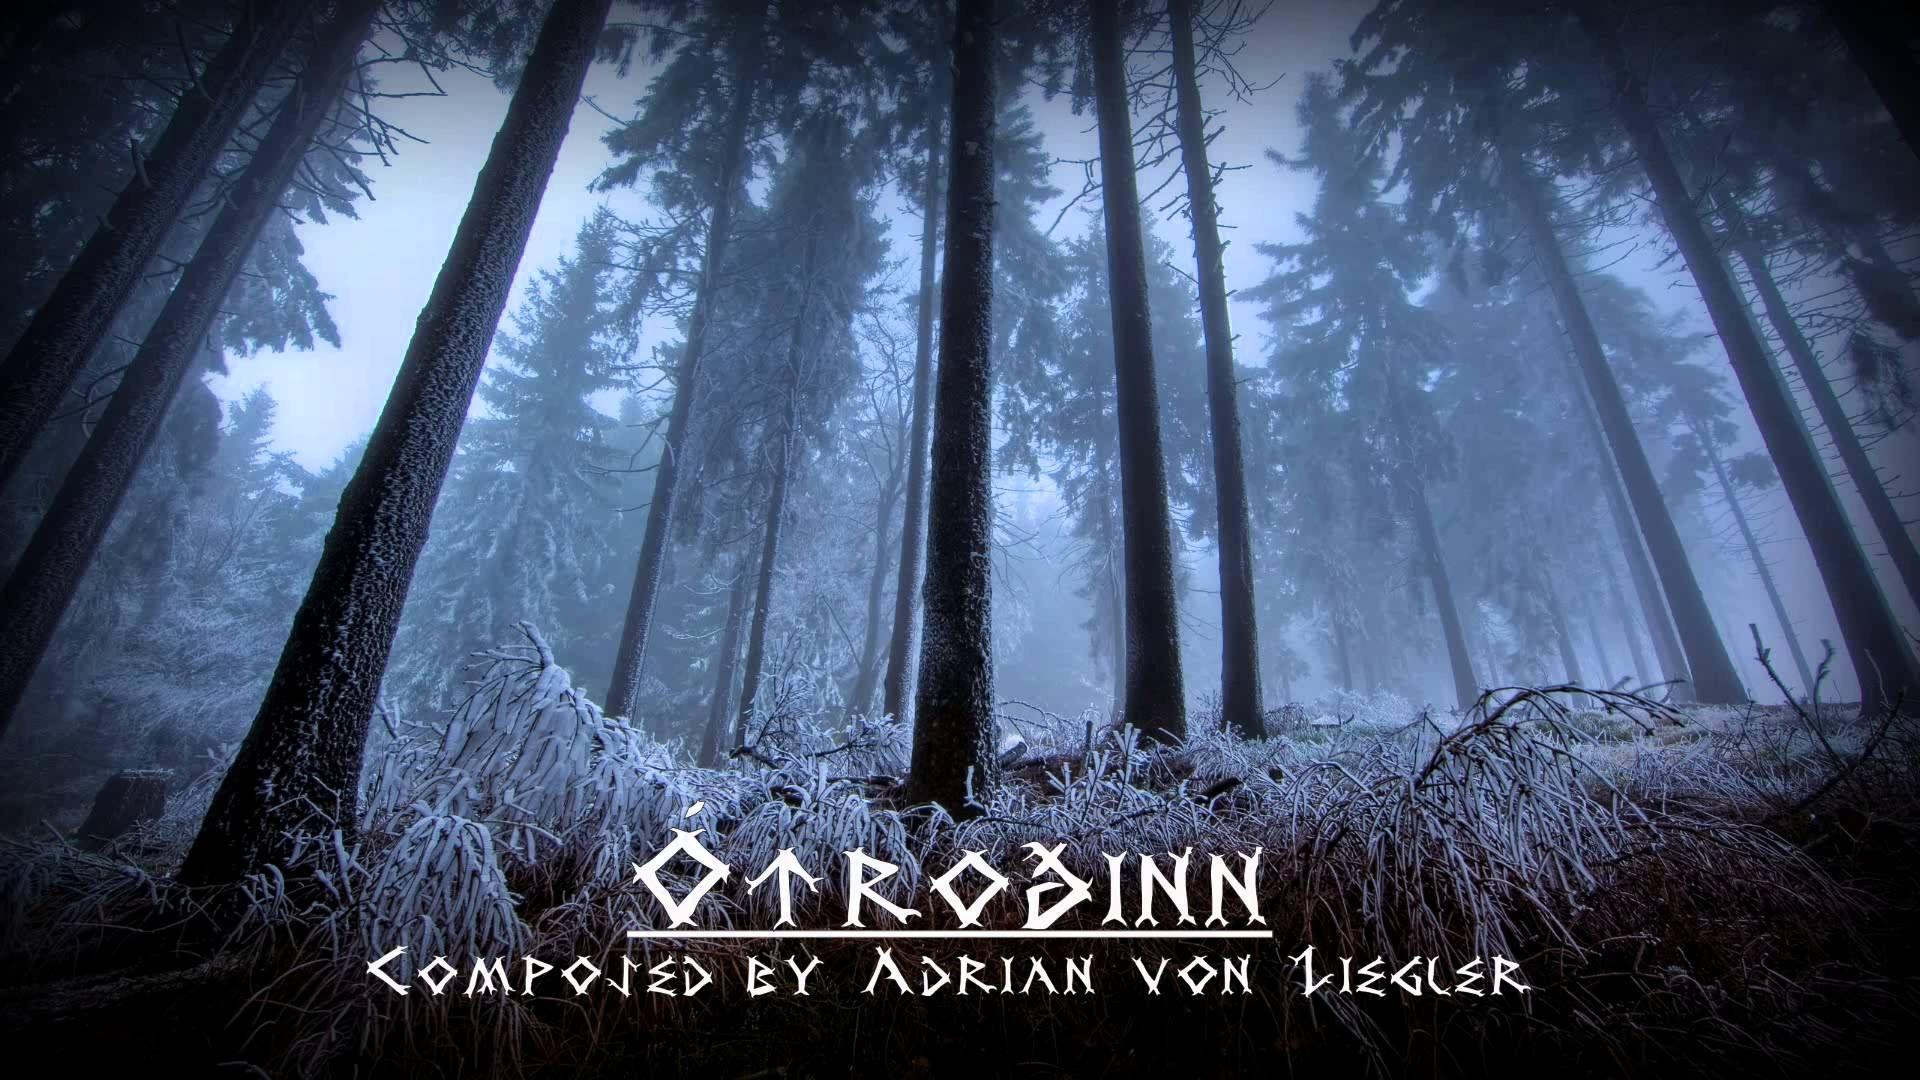 Relaxing Nordic/Viking Music - Ótroðinn | earth music